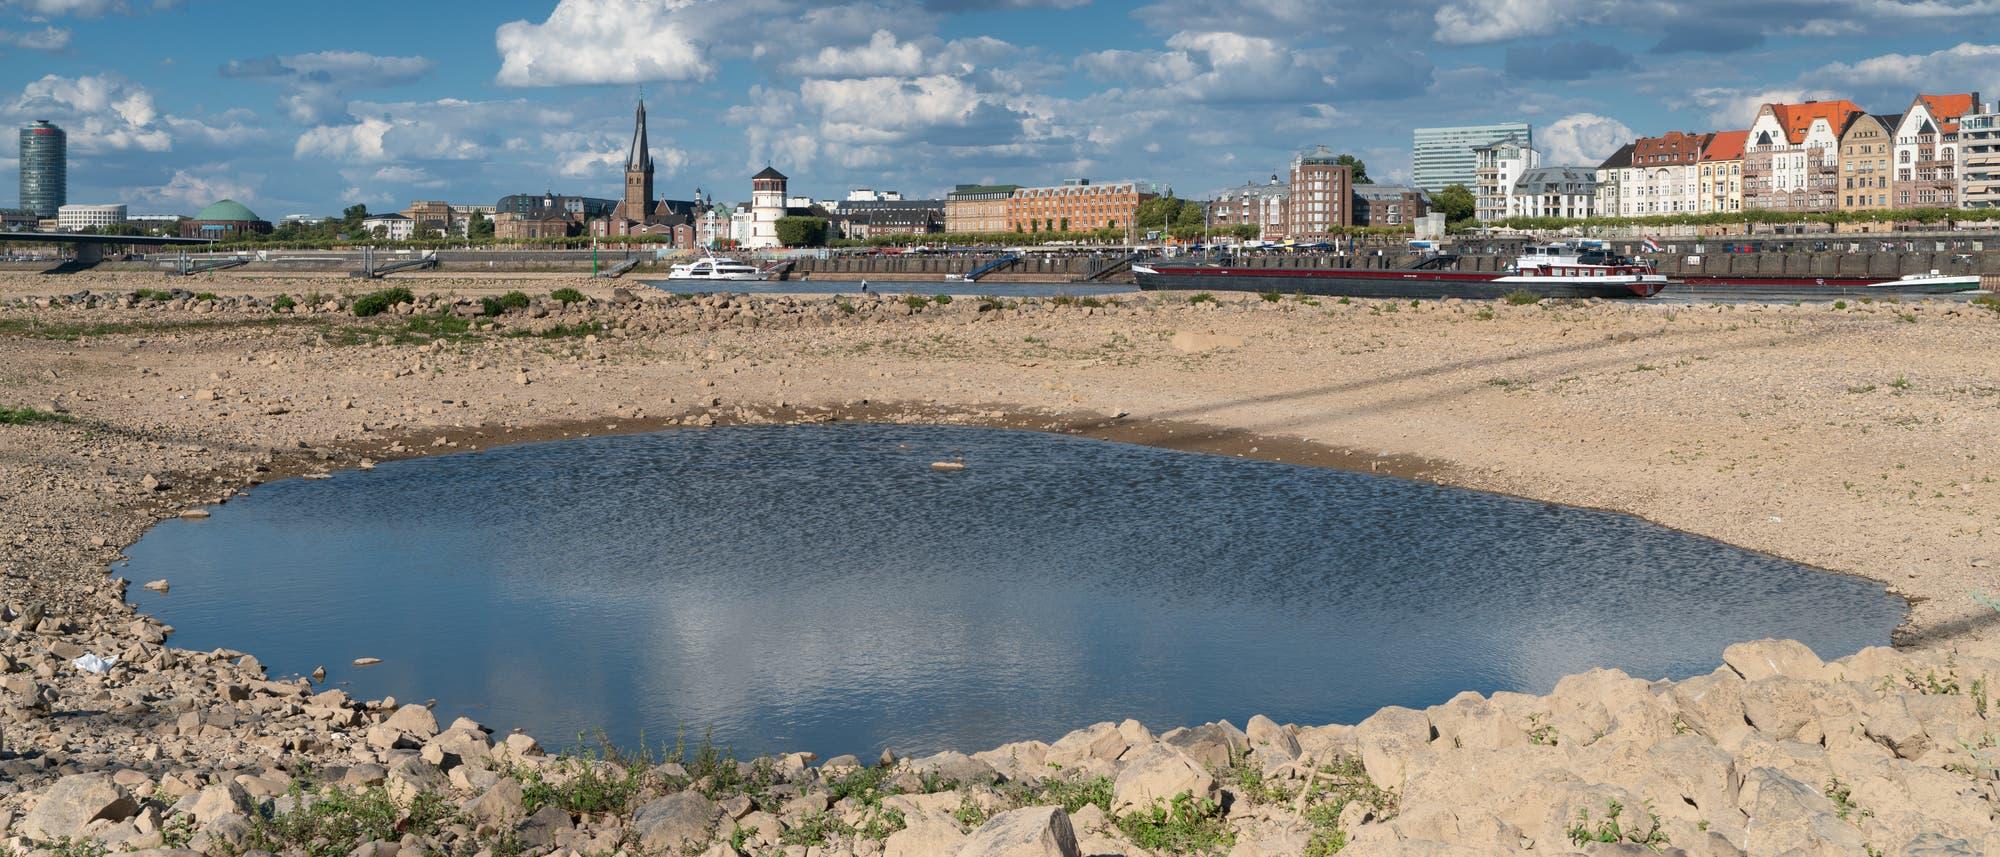 Niedrigwasser am Rhein bei Düsseldorf im Jahr 2018